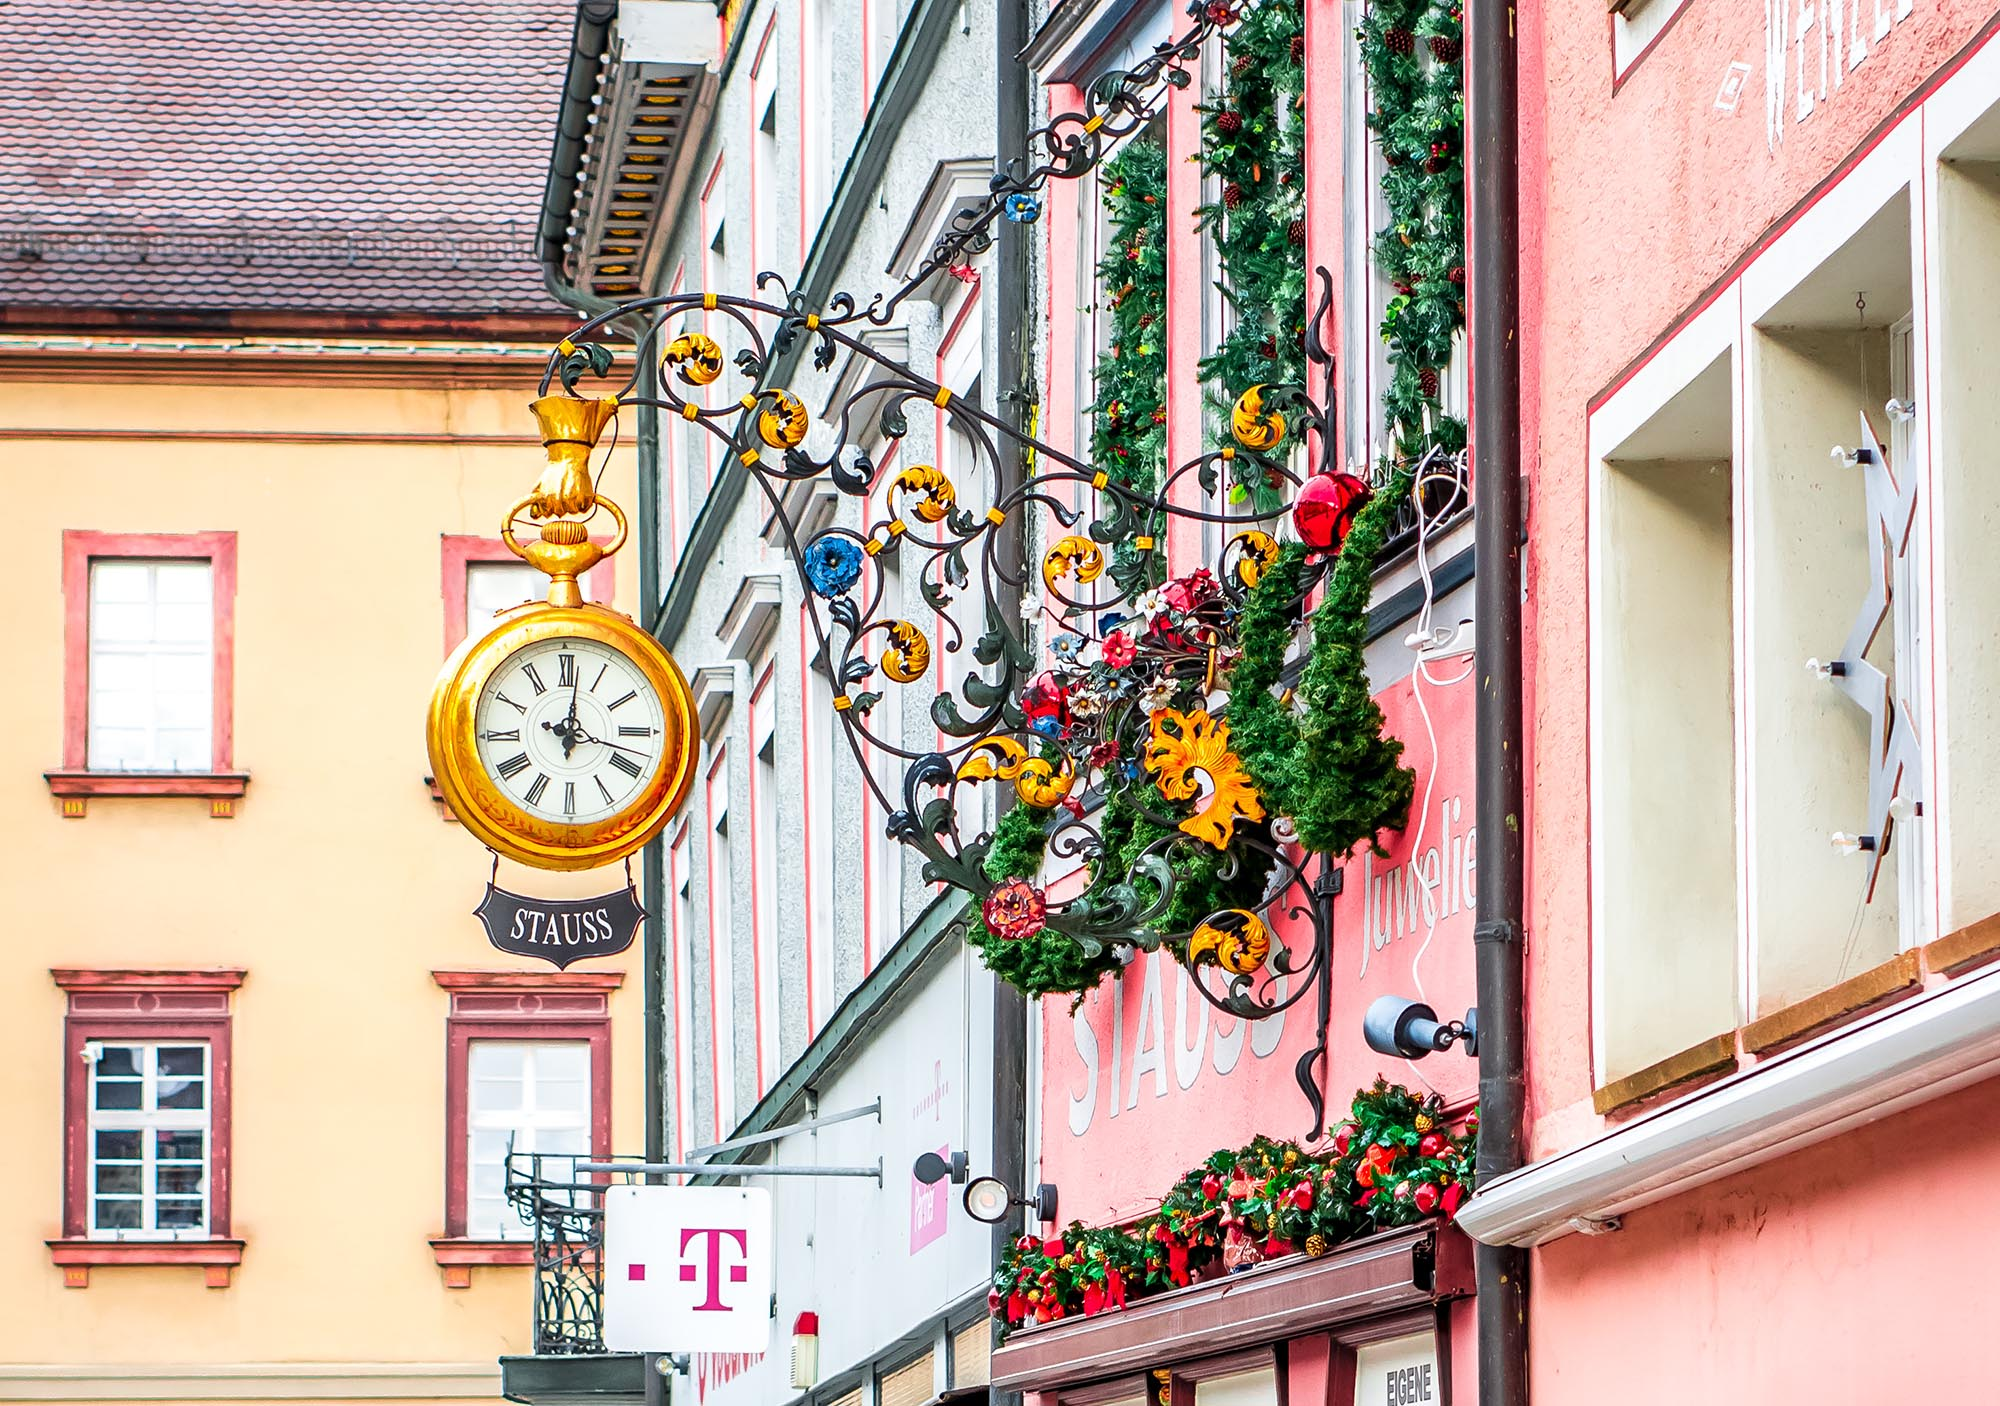 Чем отличается жизнь в Германии? Важное немецкое слово, которого не хватает в русском языке